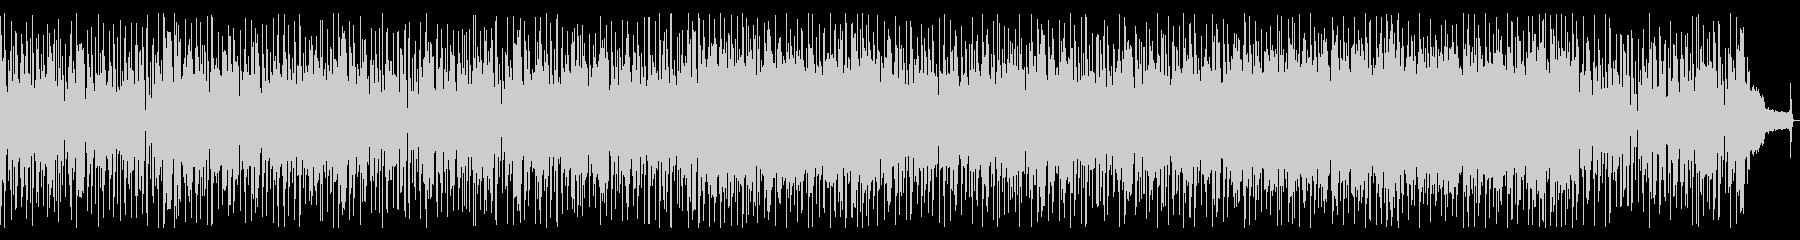 サックスがセクシーなアーバンフュージョンの未再生の波形